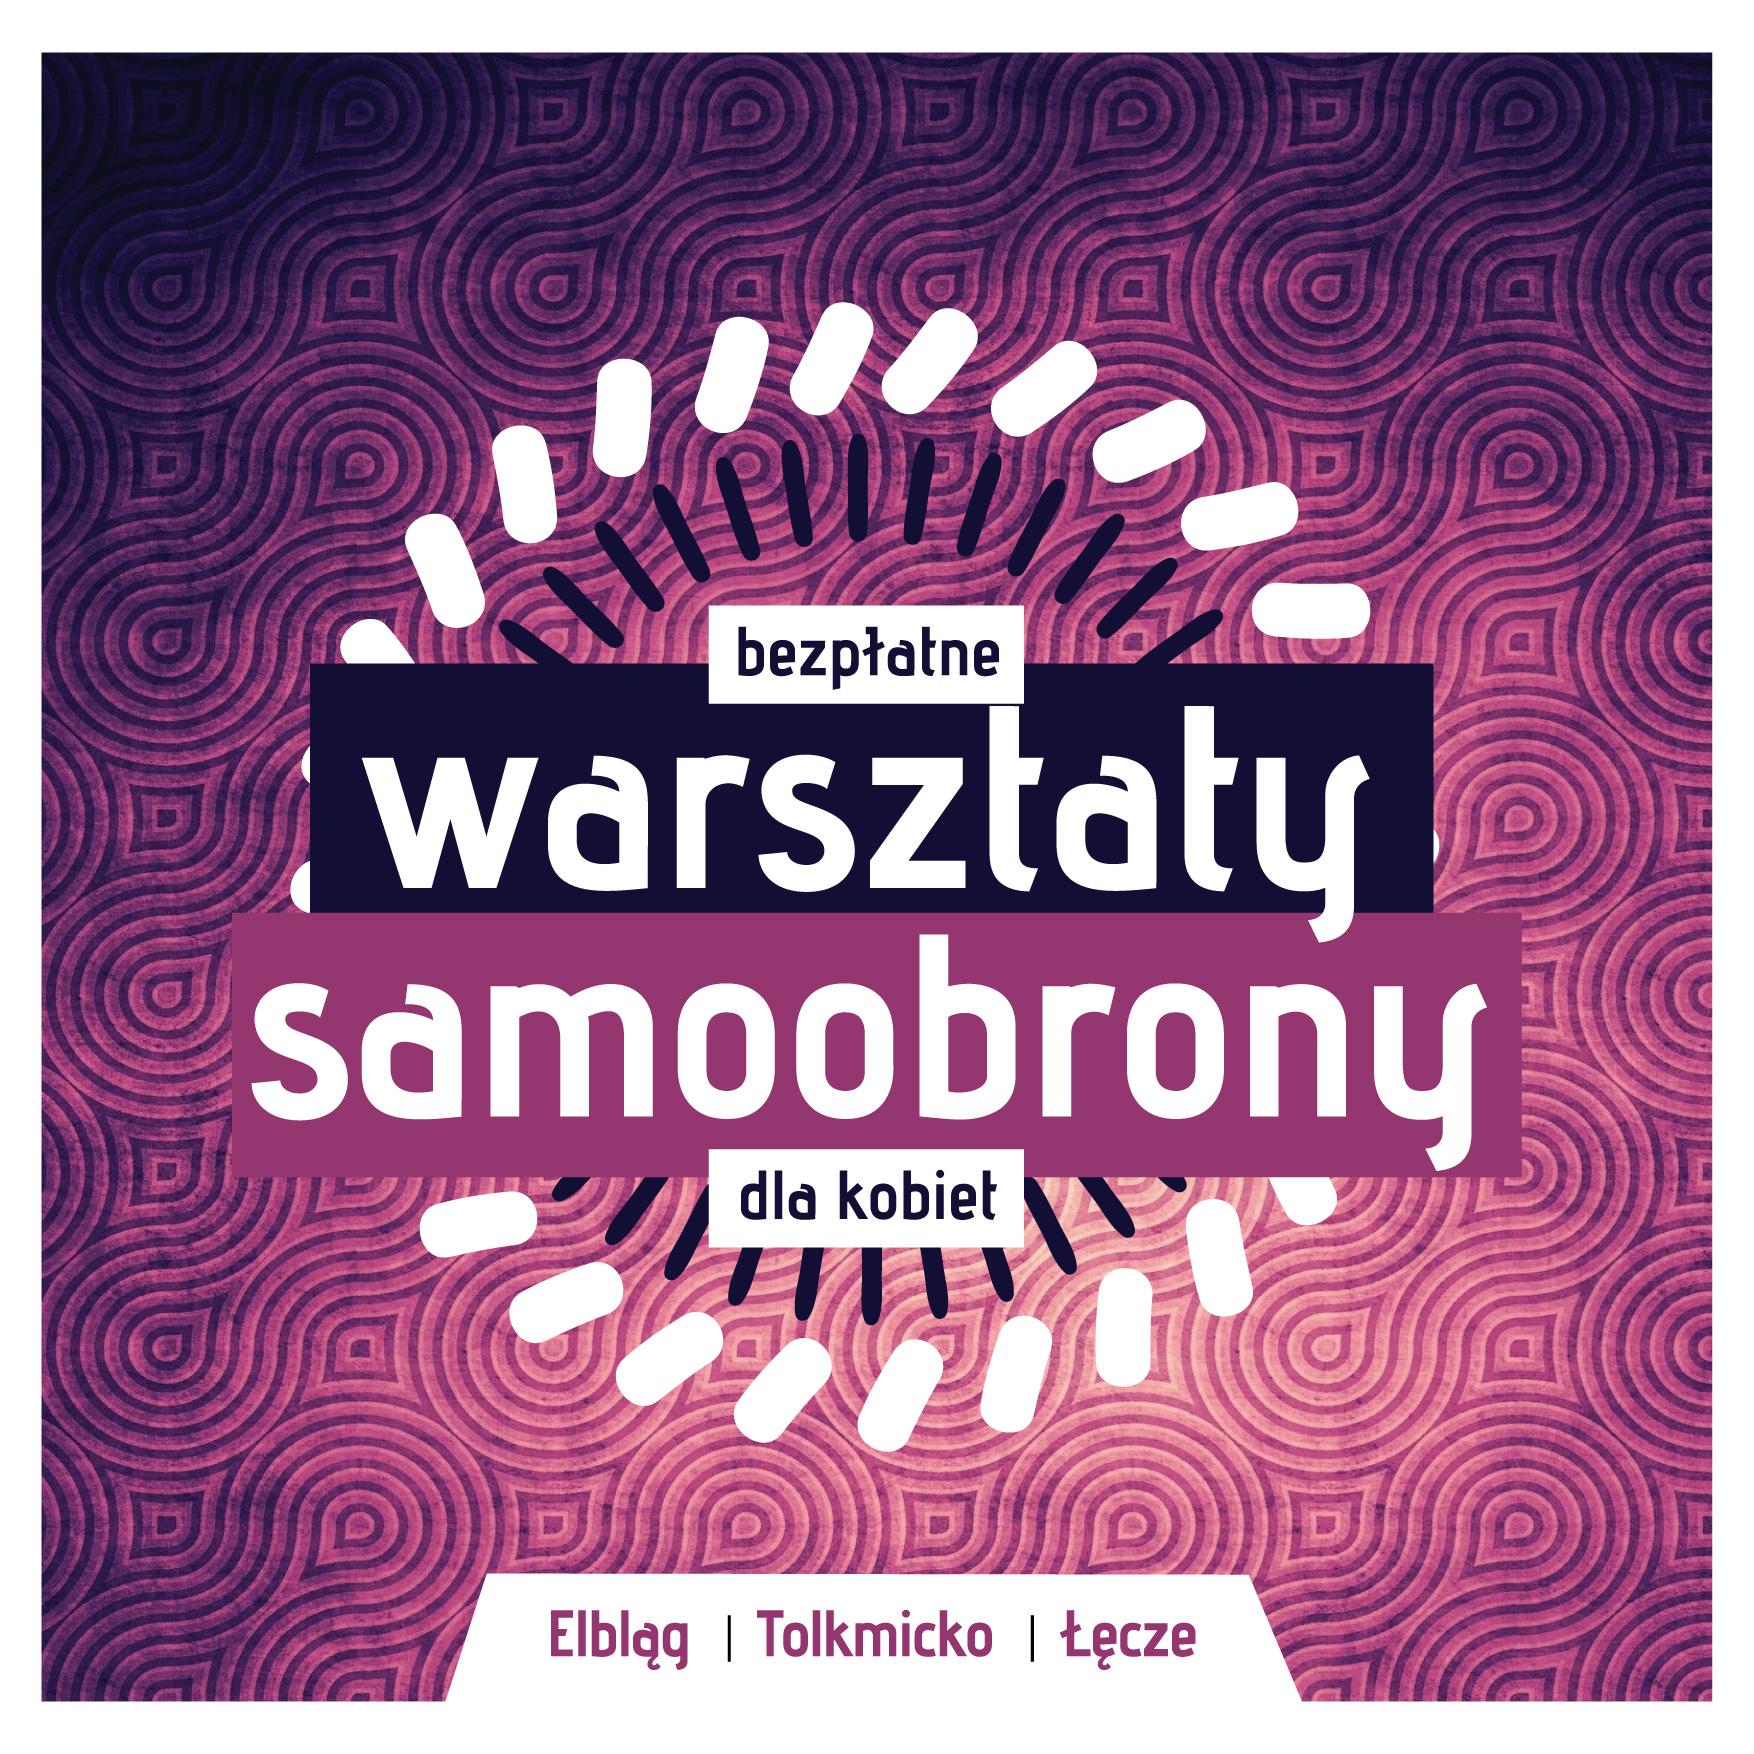 Samoobrona dla kobiet, bezpłatne zajęcia- ELBLĄG, ŁĘCZE, TOLKMICKO